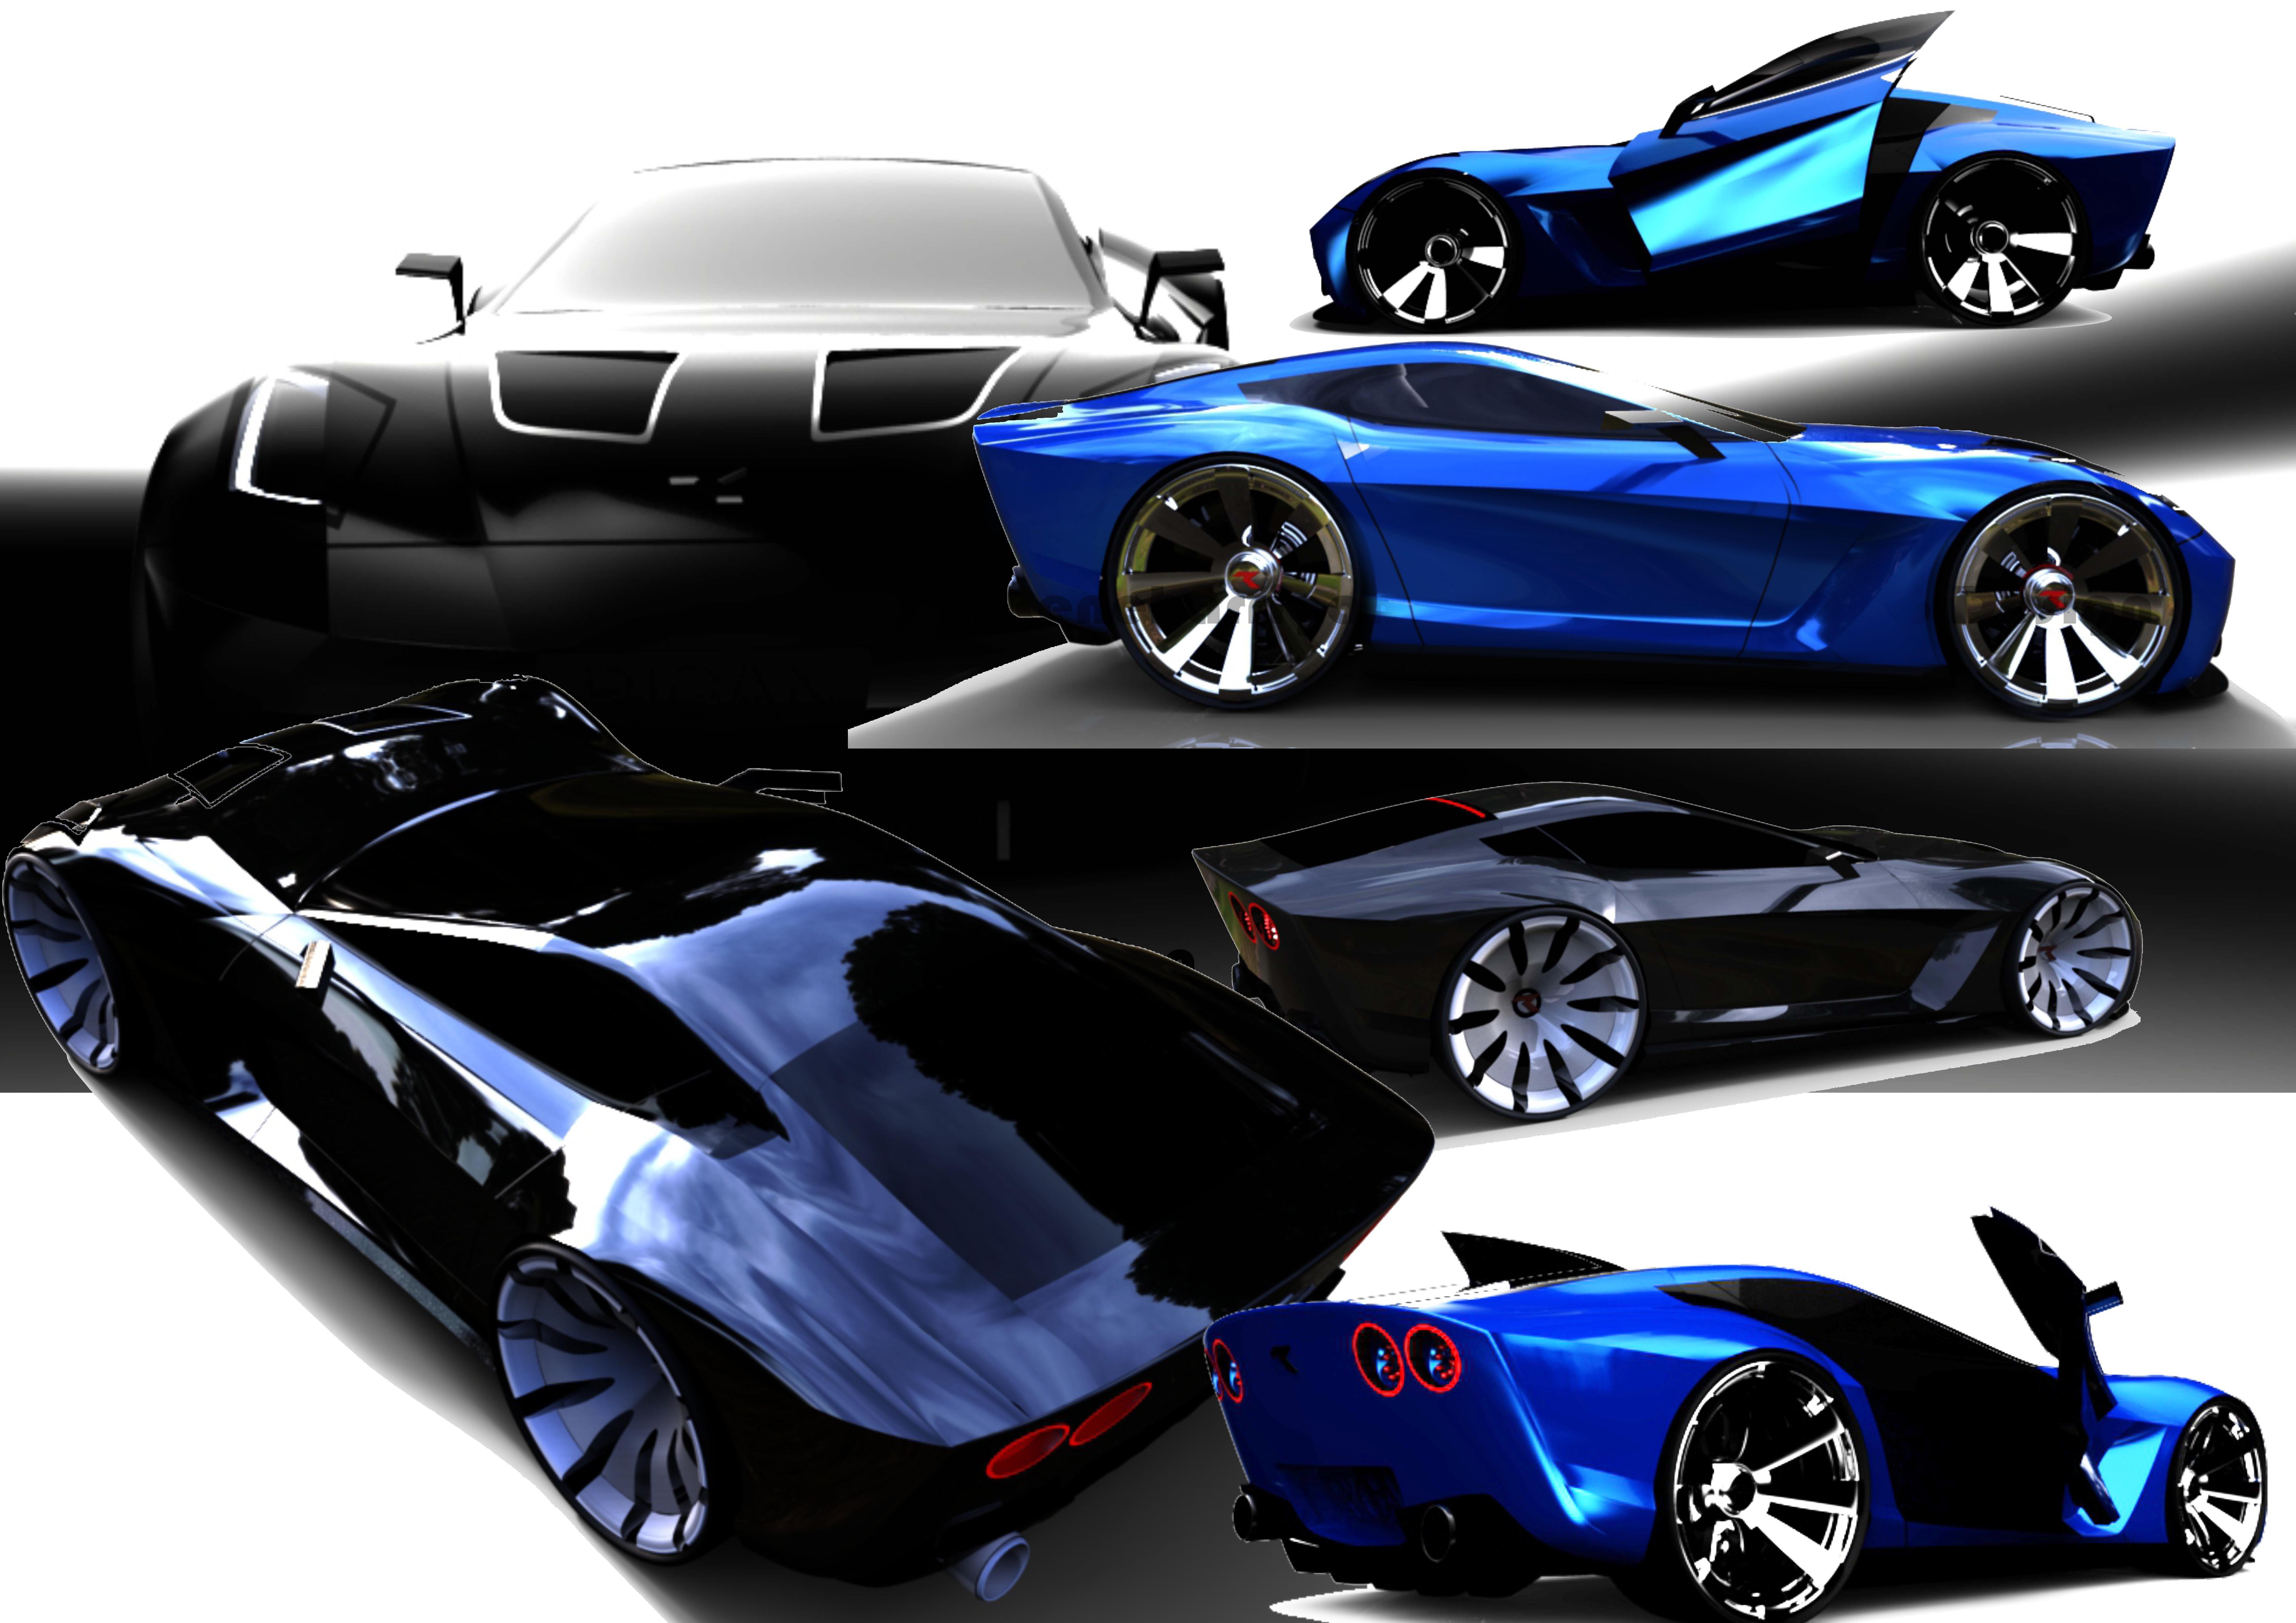 Concept car GTS 860